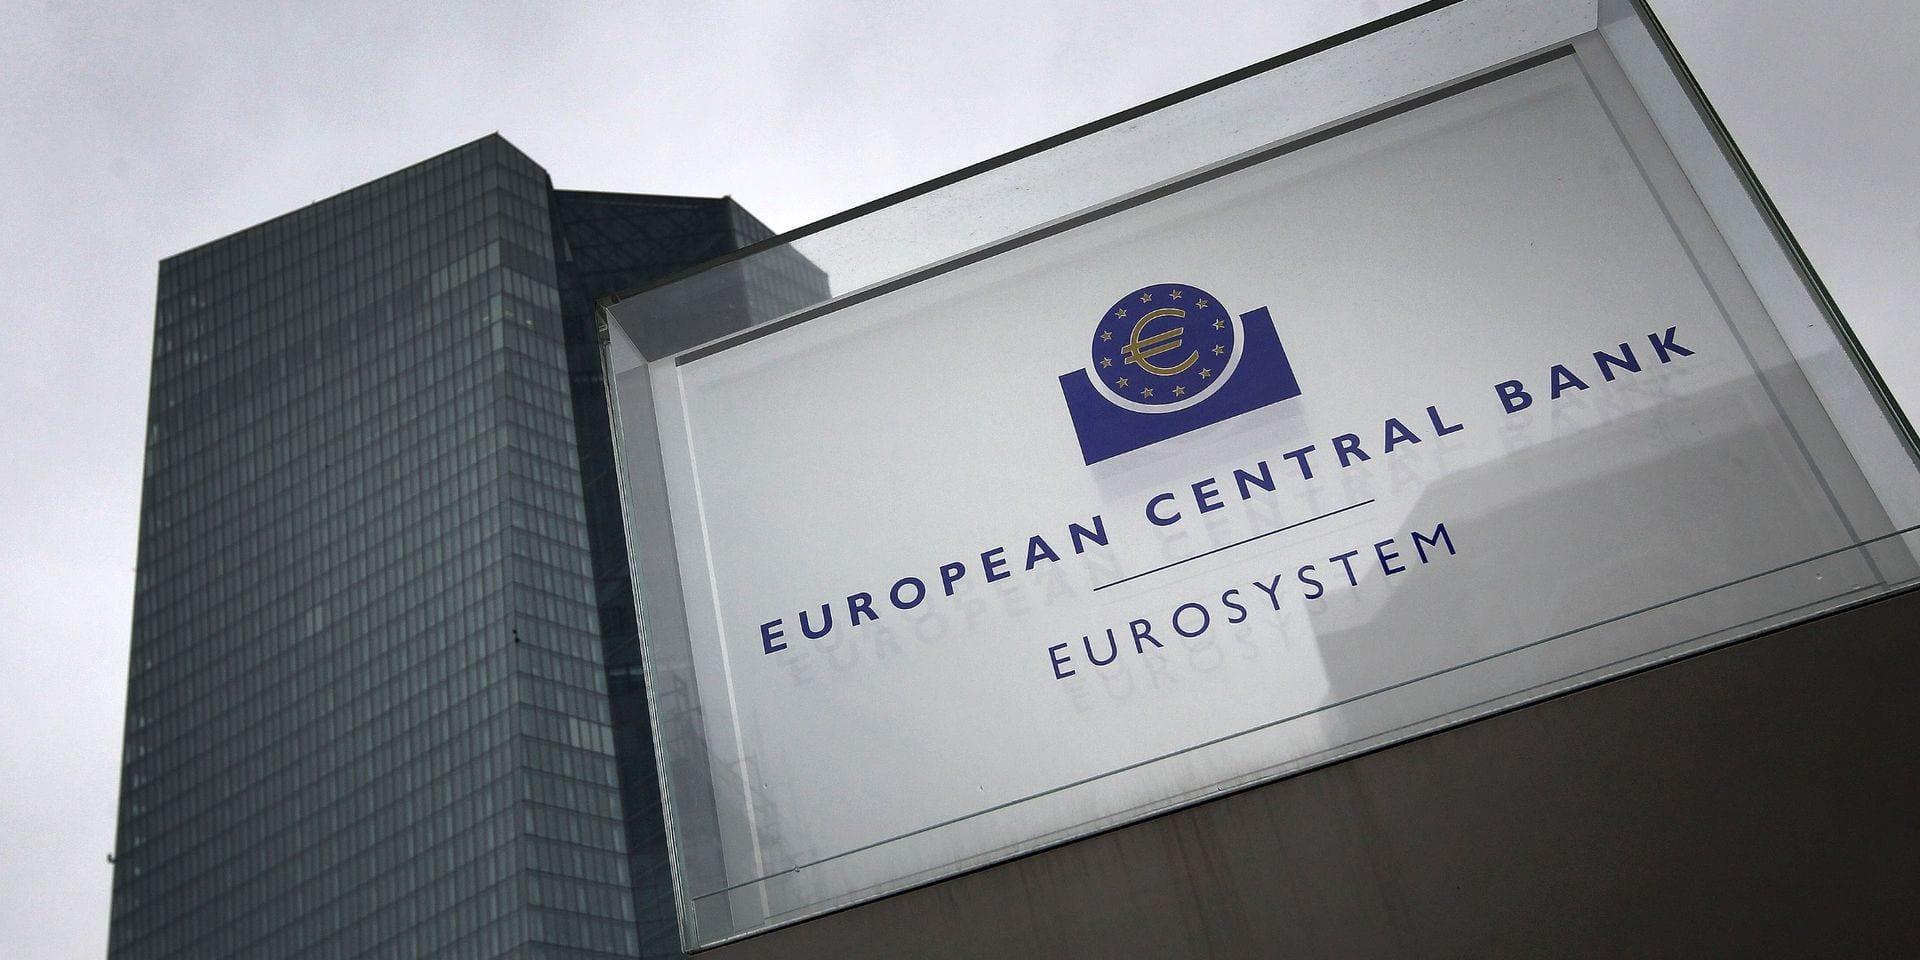 Coronavirus : Les exigences moindres en capitaux ouvrent la voie à 1.800 milliards d'euros de prêts